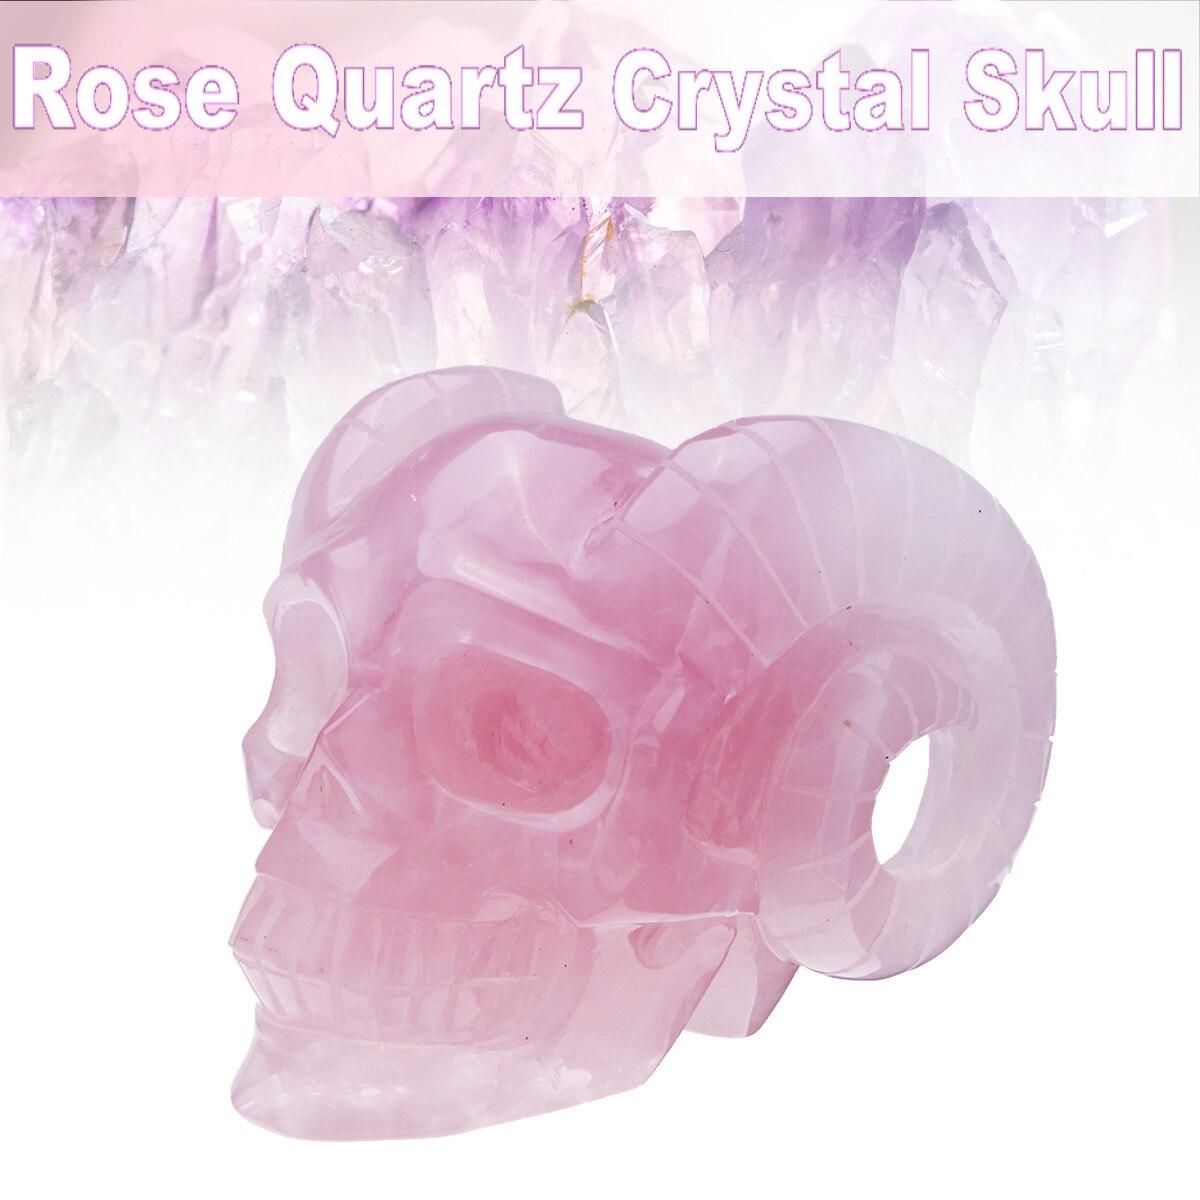 Figurine de crâne en pierre faite main Rose naturelle cristal de quartz sculpté statue réaliste Feng shui guérison ornement de maison à collectionner